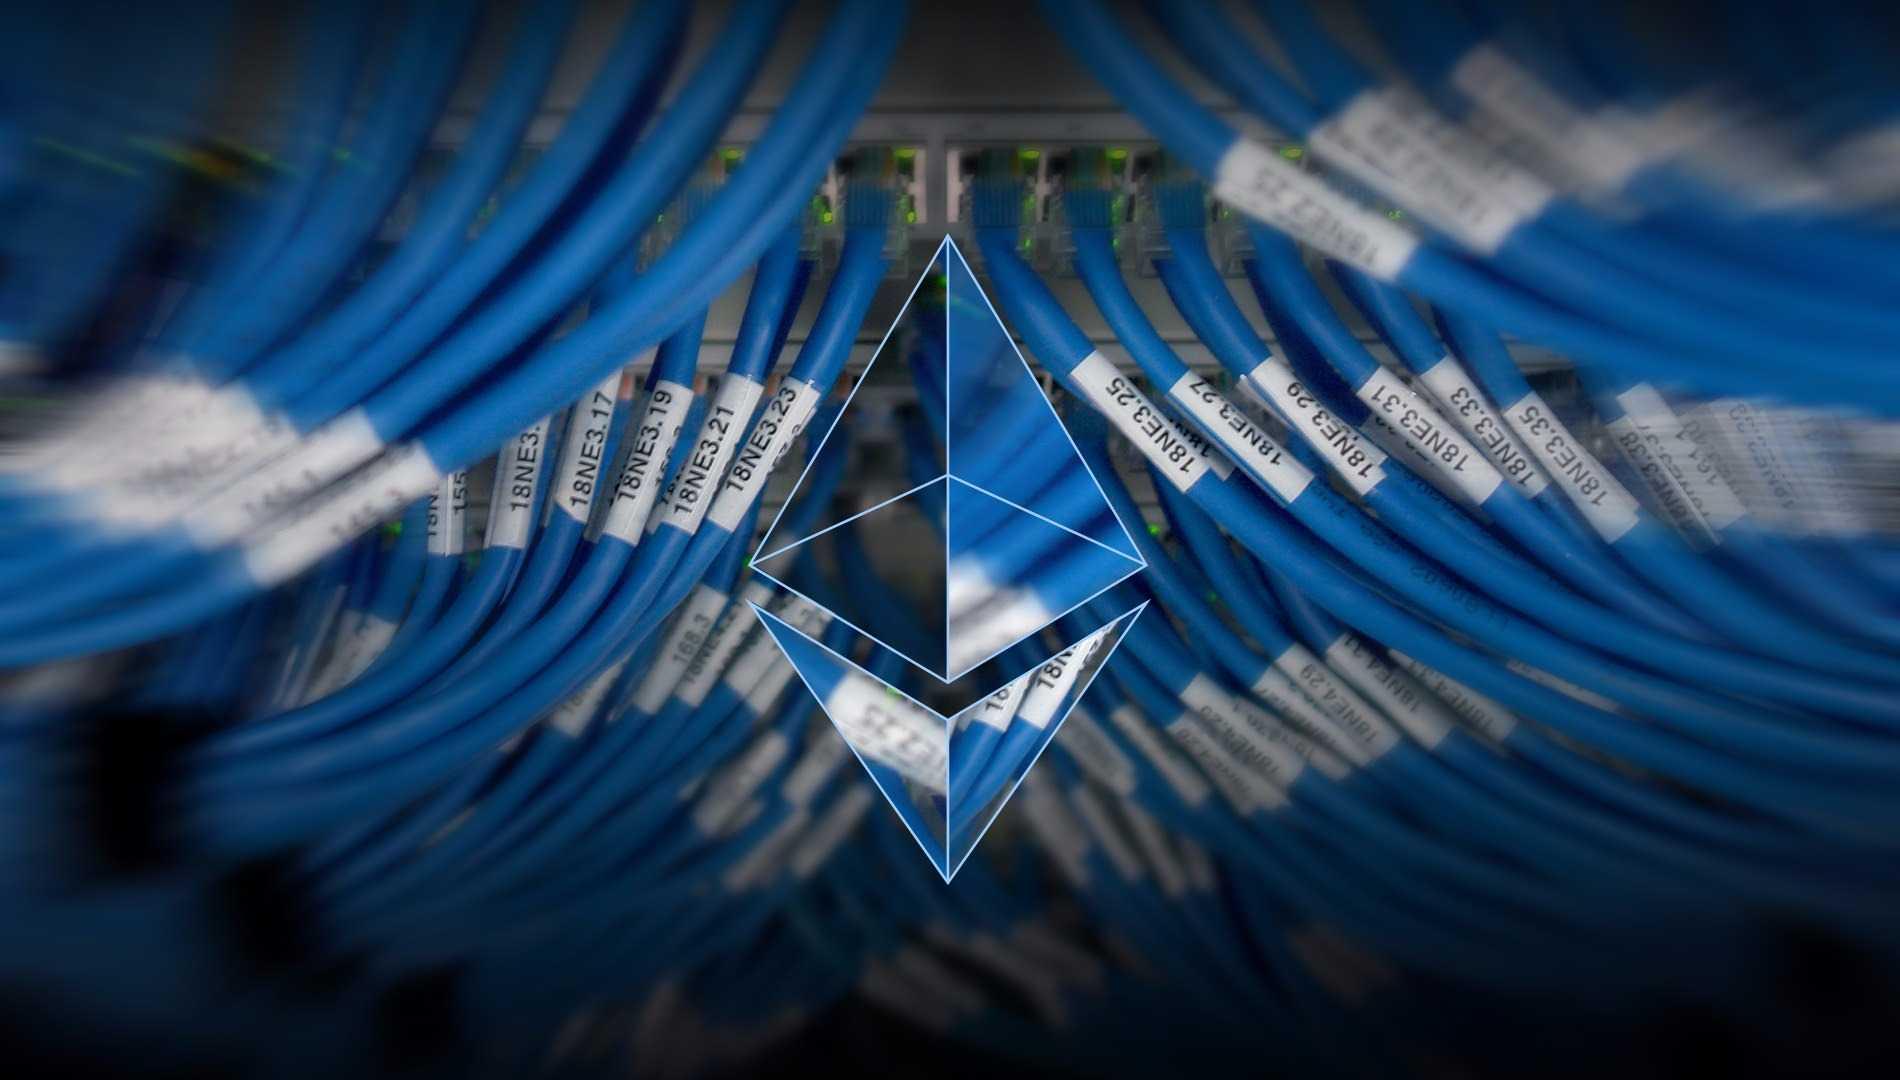 Глава службы безопасности Ethereum считает, что потребуется обновление блокчейна криптовалюты